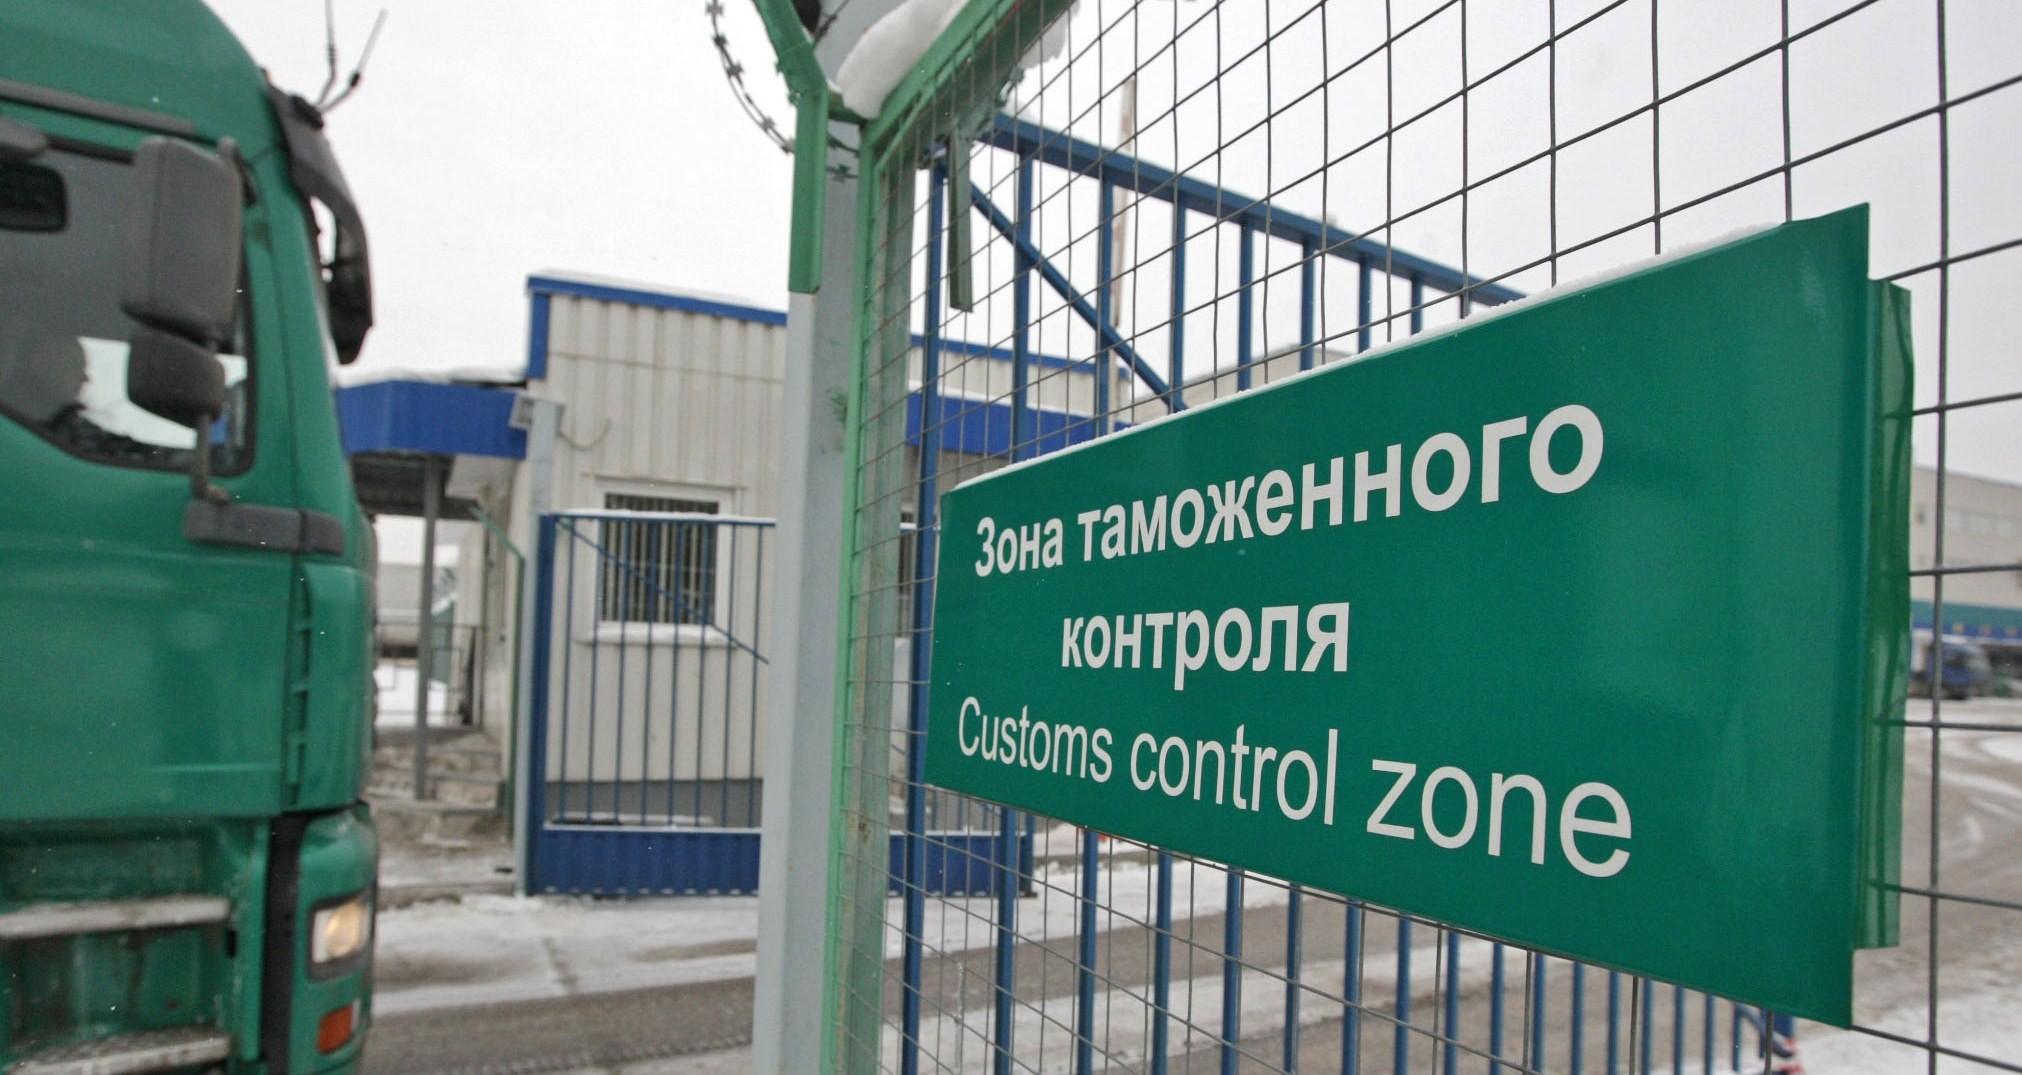 Оренбургская таможня уничтожит подделки известных брендов насумму 30 млн руб.